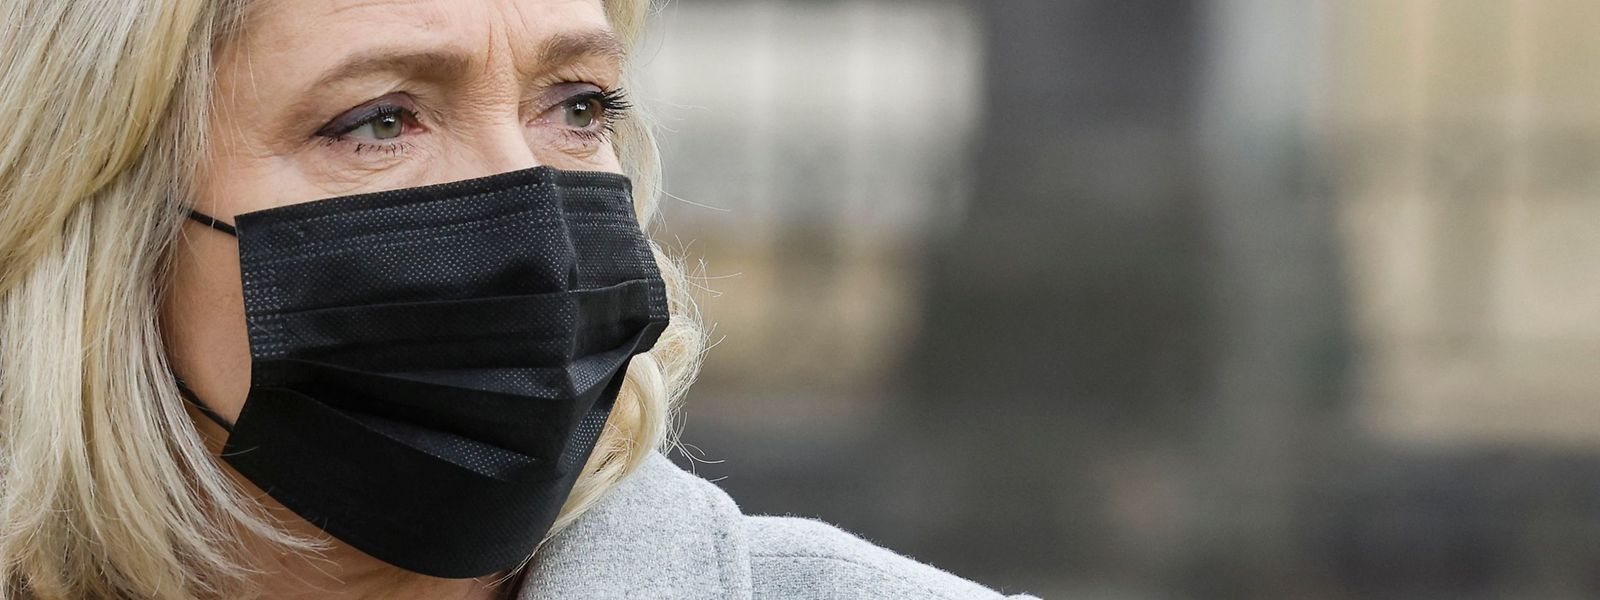 Die Verbreitung von Bildern mit Gewaltdarstellungen, die die Menschenwürde verletzen, ist in Frankreich eine Straftat.